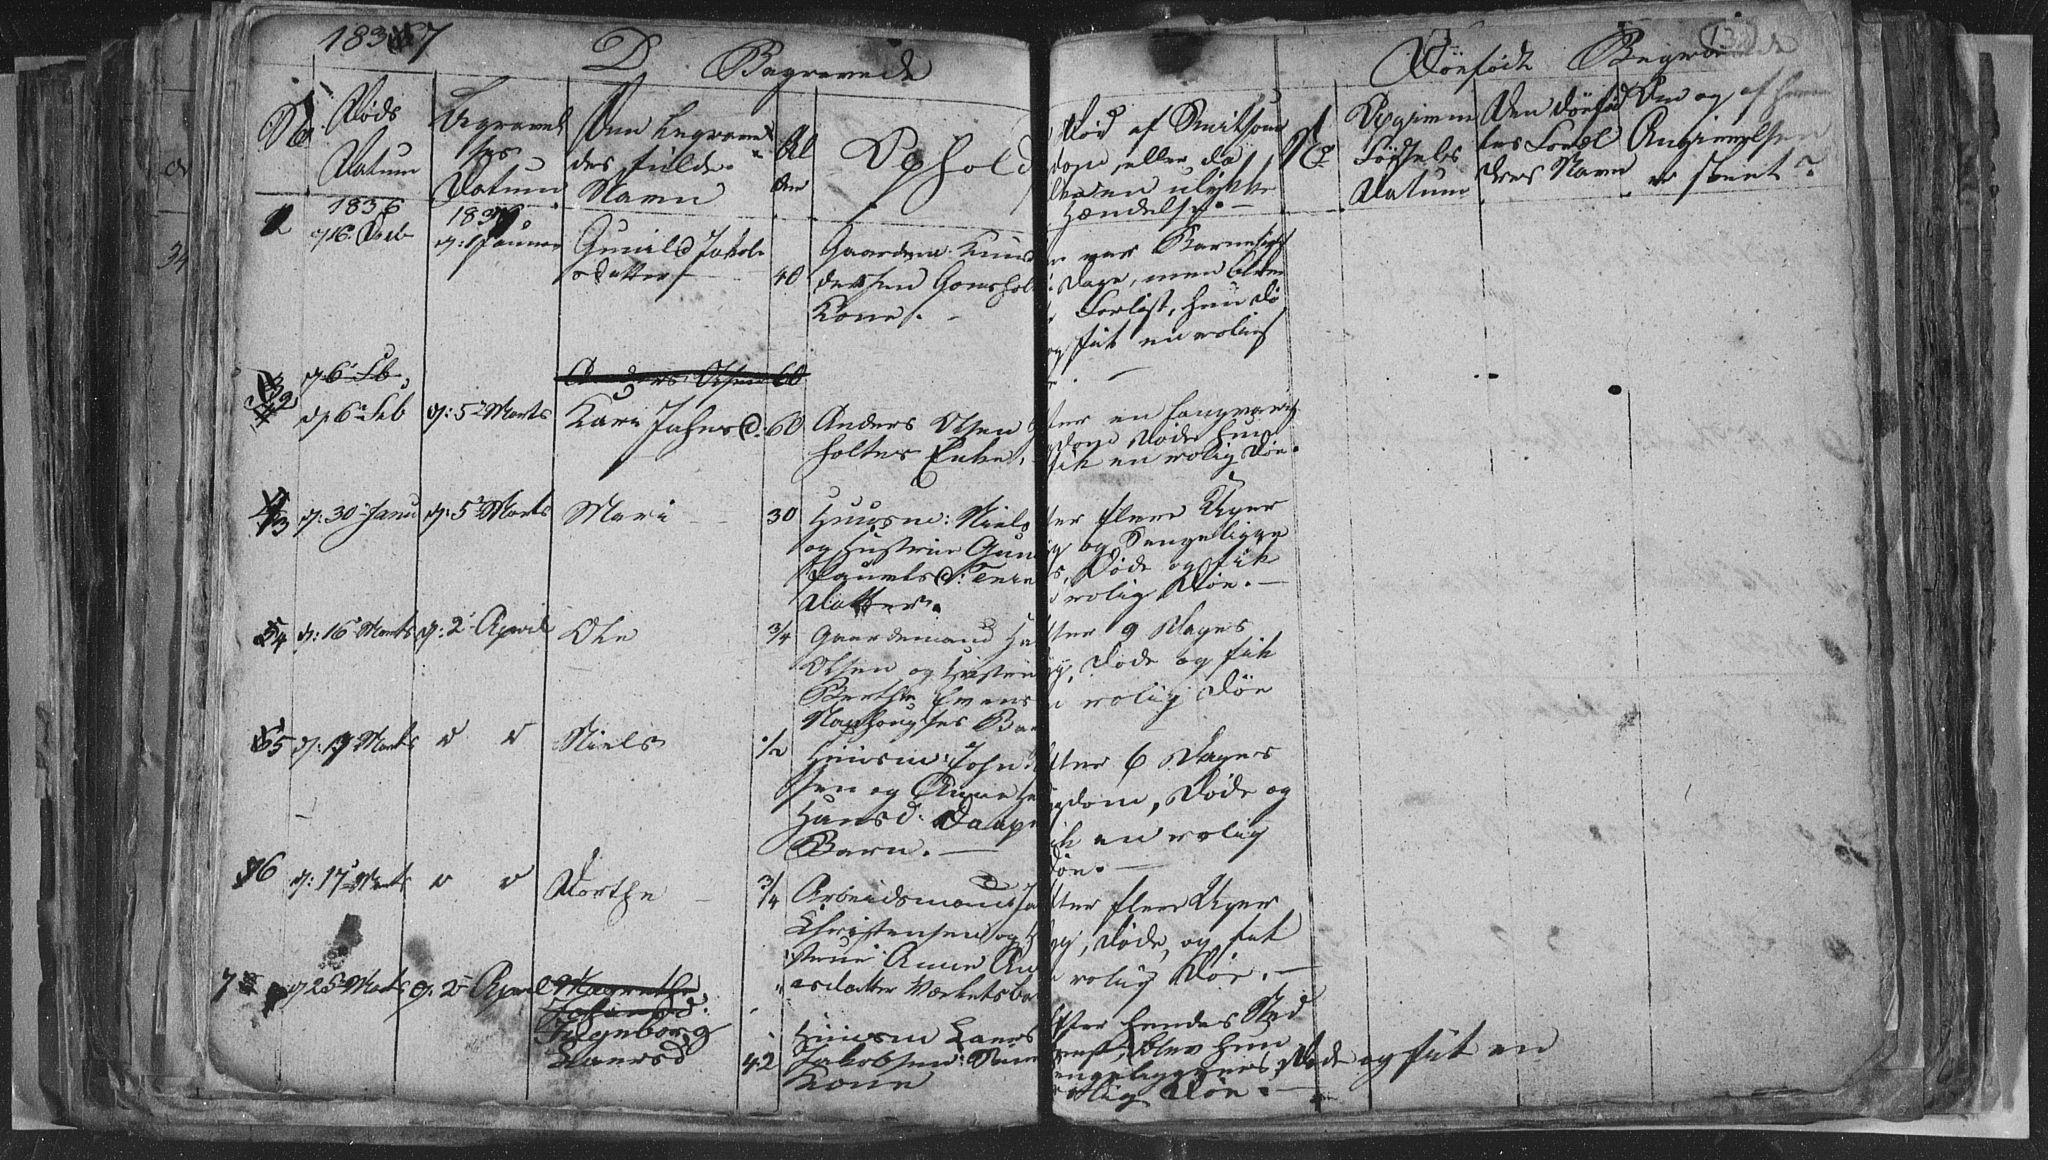 SAKO, Siljan kirkebøker, G/Ga/L0001: Klokkerbok nr. 1, 1827-1847, s. 132